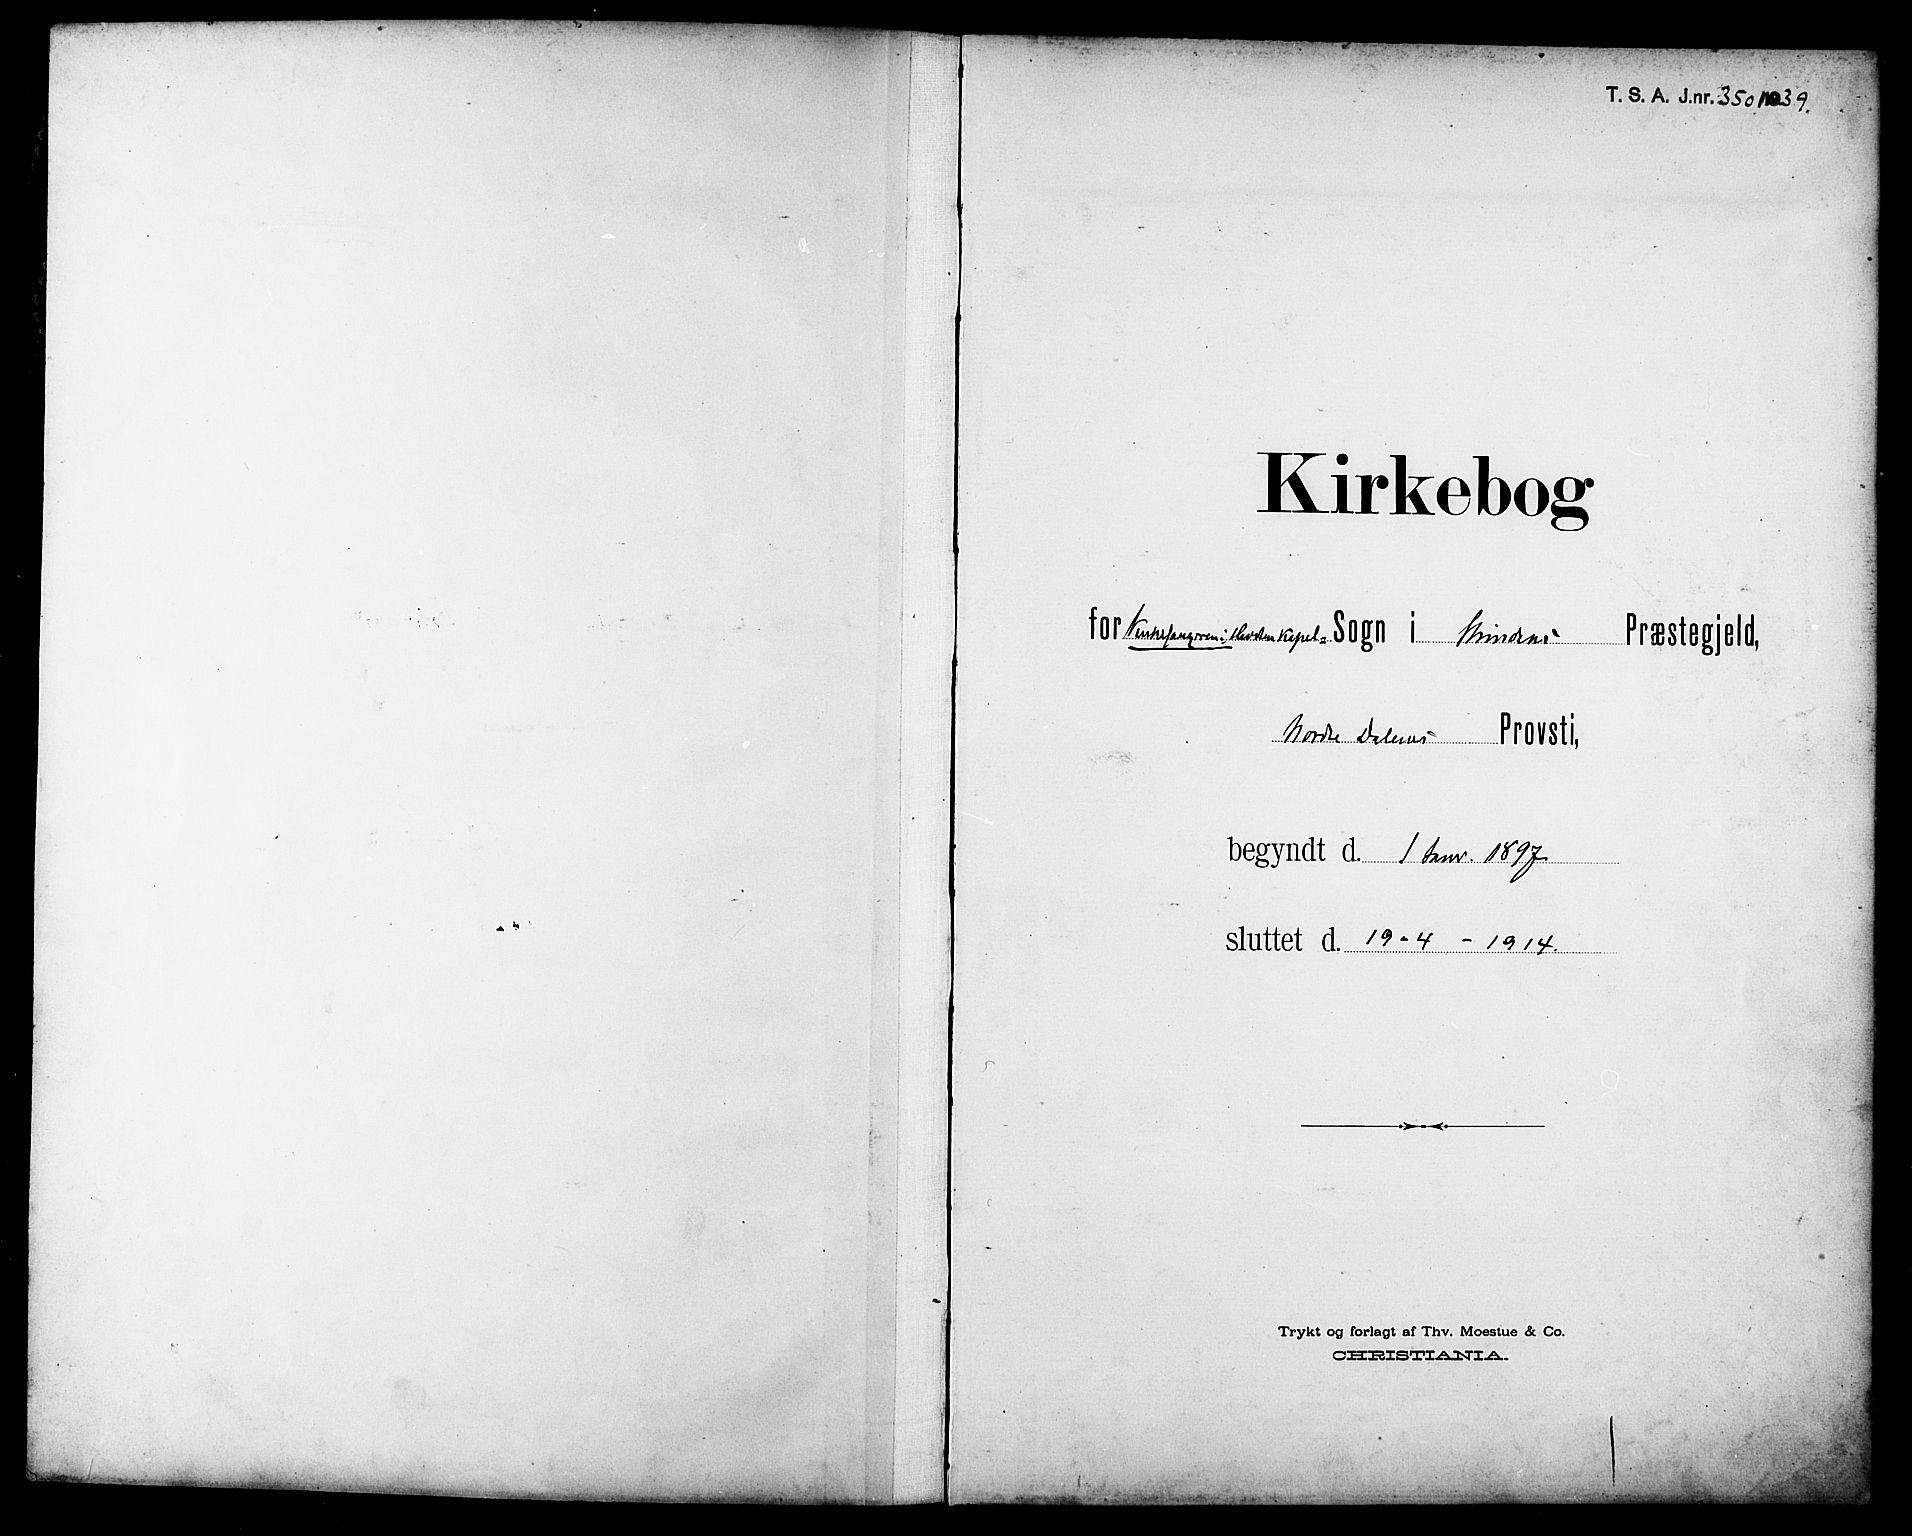 SAT, Ministerialprotokoller, klokkerbøker og fødselsregistre - Sør-Trøndelag, 611/L0355: Klokkerbok nr. 611C03, 1897-1914